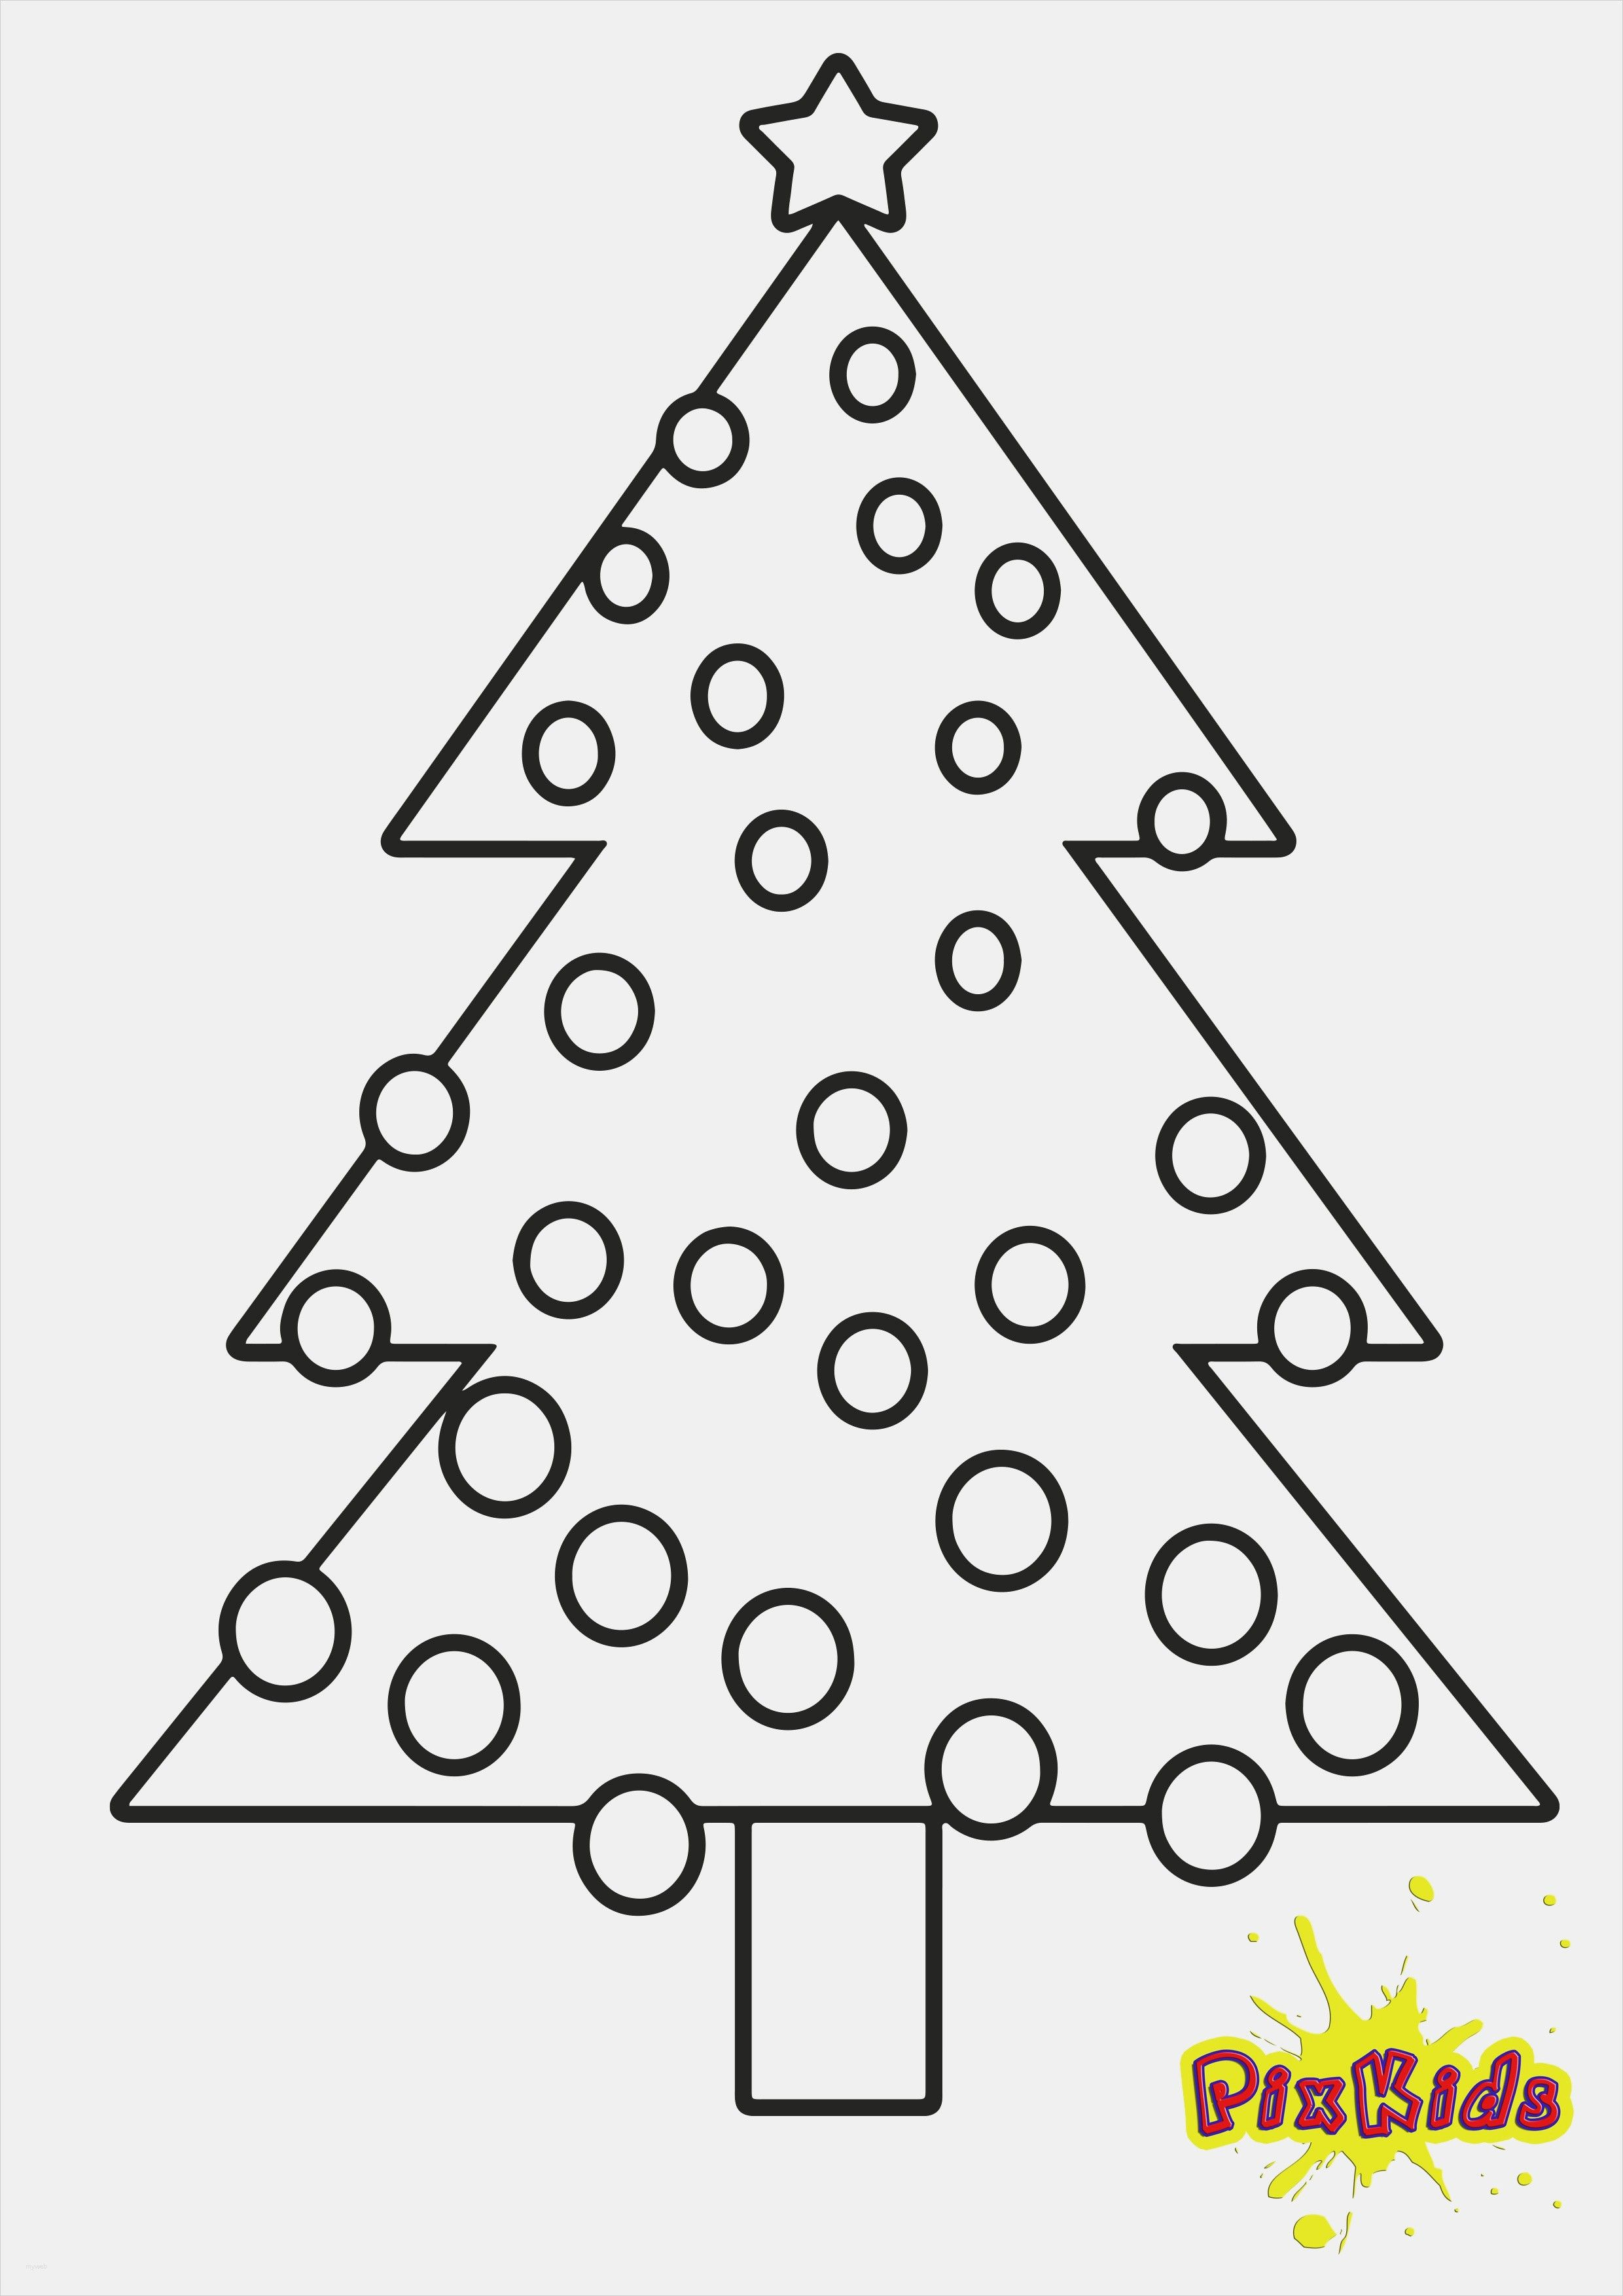 Einzigartig Weihnachtsbaum Basteln Vorlage Farbung Malvorlagen Malvorlagenfurkinder Malvorlage Tannenbaum Weihnachtsbaum Vorlage Tannenbaum Vorlage